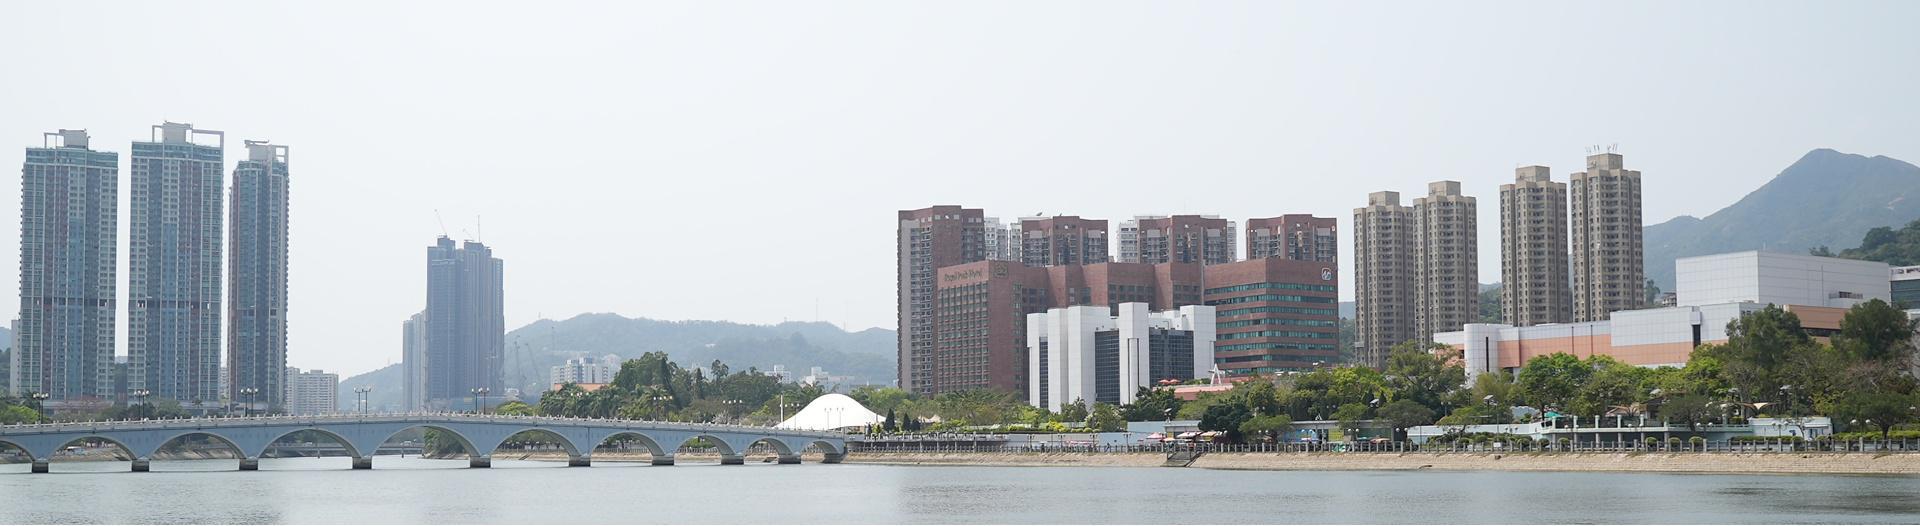 Hong Kong residental view